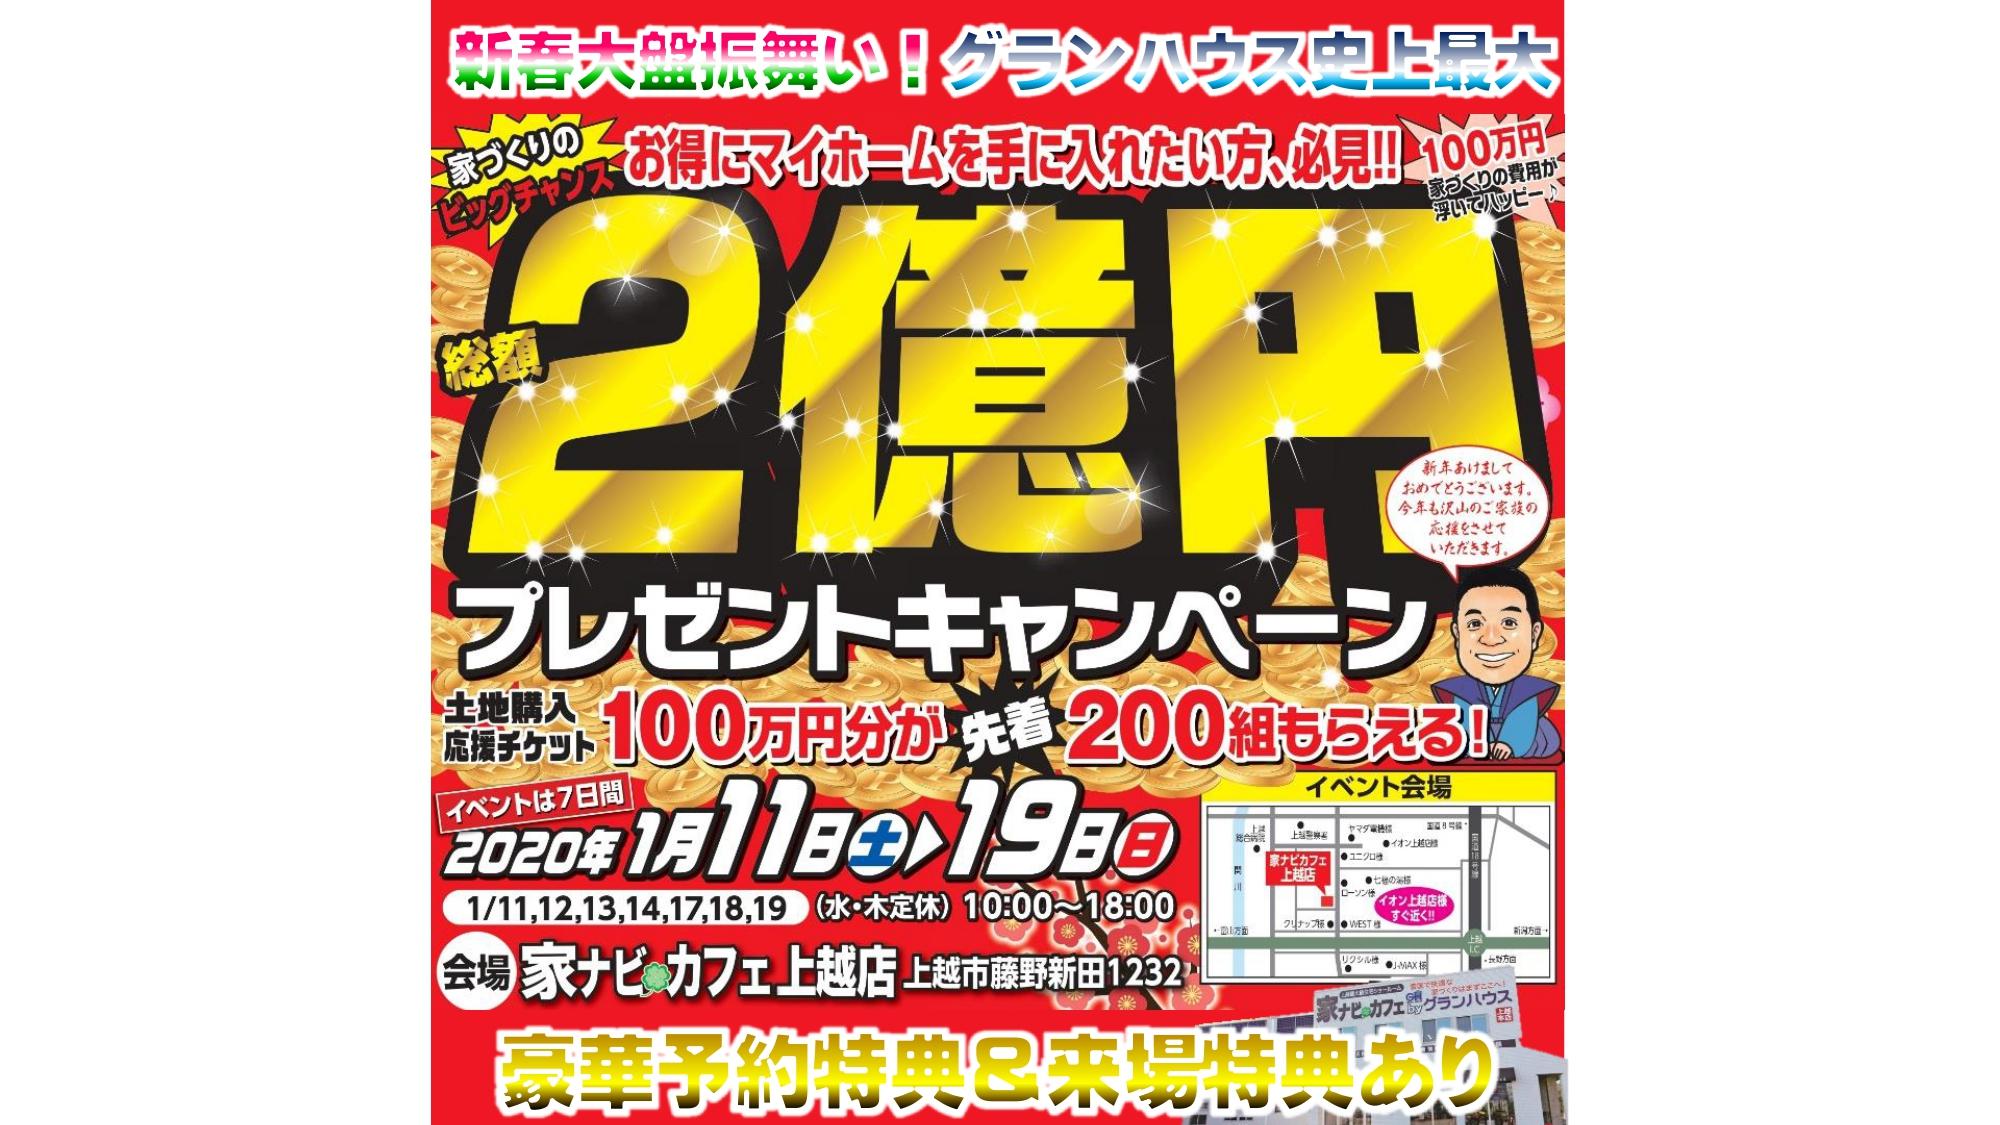 【土地応援2億円キャンペーン!!】2020年最初の新春マイホームフェア☆